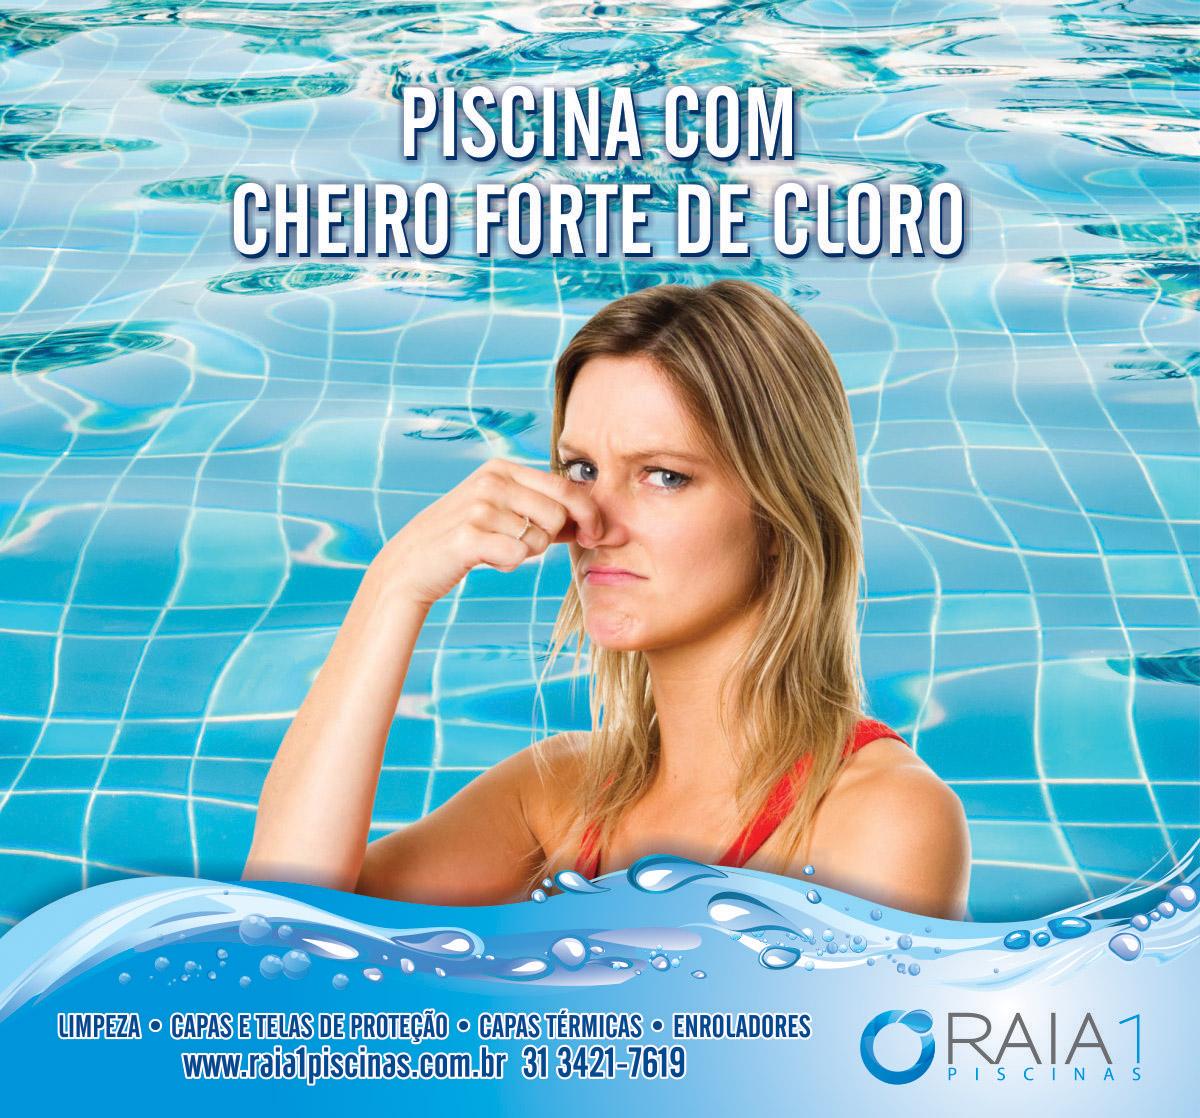 cheiro-forte-de-cloro-na-piscina-bhmg